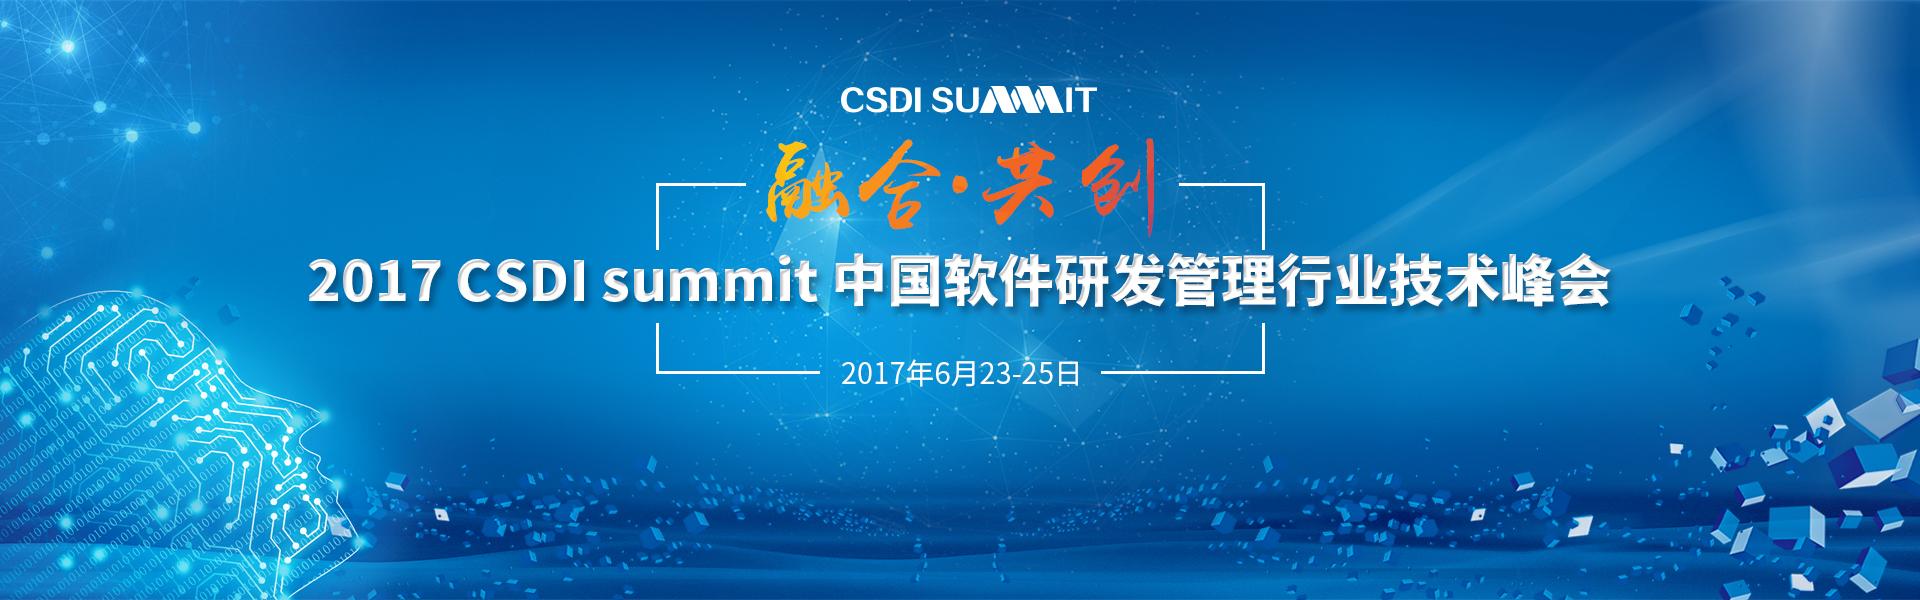 2017中国软件研发管理行业技术峰会